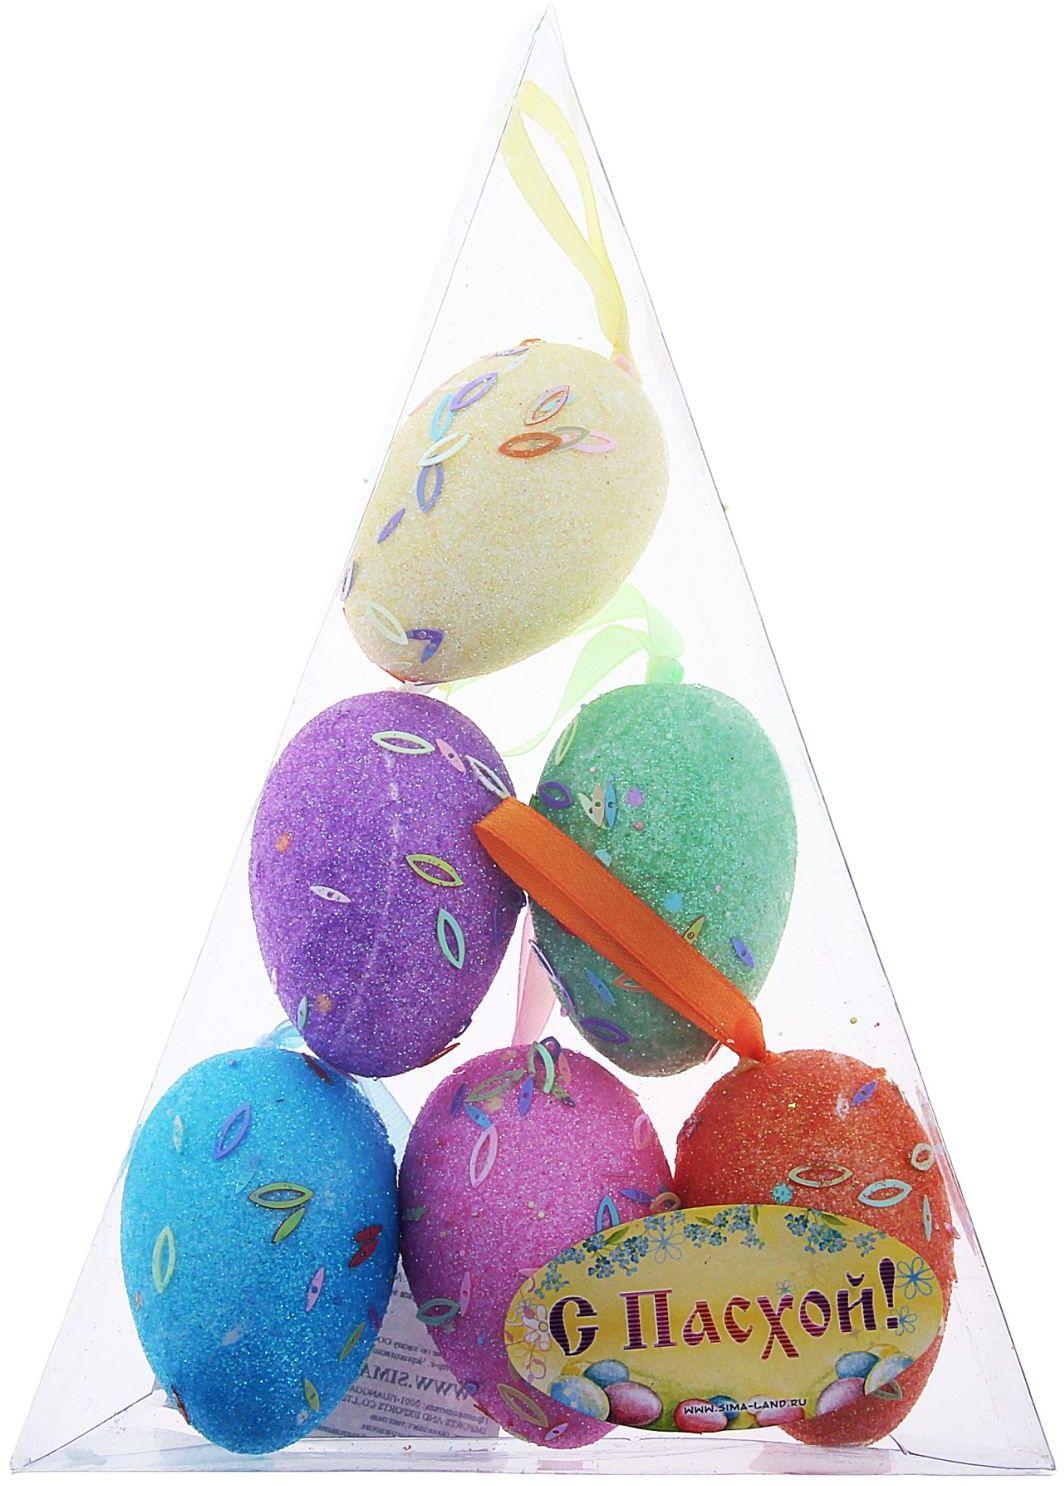 Сувенир пасхальный Яйцо. Блестка Микс Пайетки, 4 х 6 см, 6 шт. 114775114775Яйцо - это главный пасхальный символ, который символизирует для христиан новую жизнь и возрождение, поэтому его присутствие на праздничном столе является обязательным элементом во многих странах. Сегодня крашеными яйцами принято не только украшать праздничный стол.